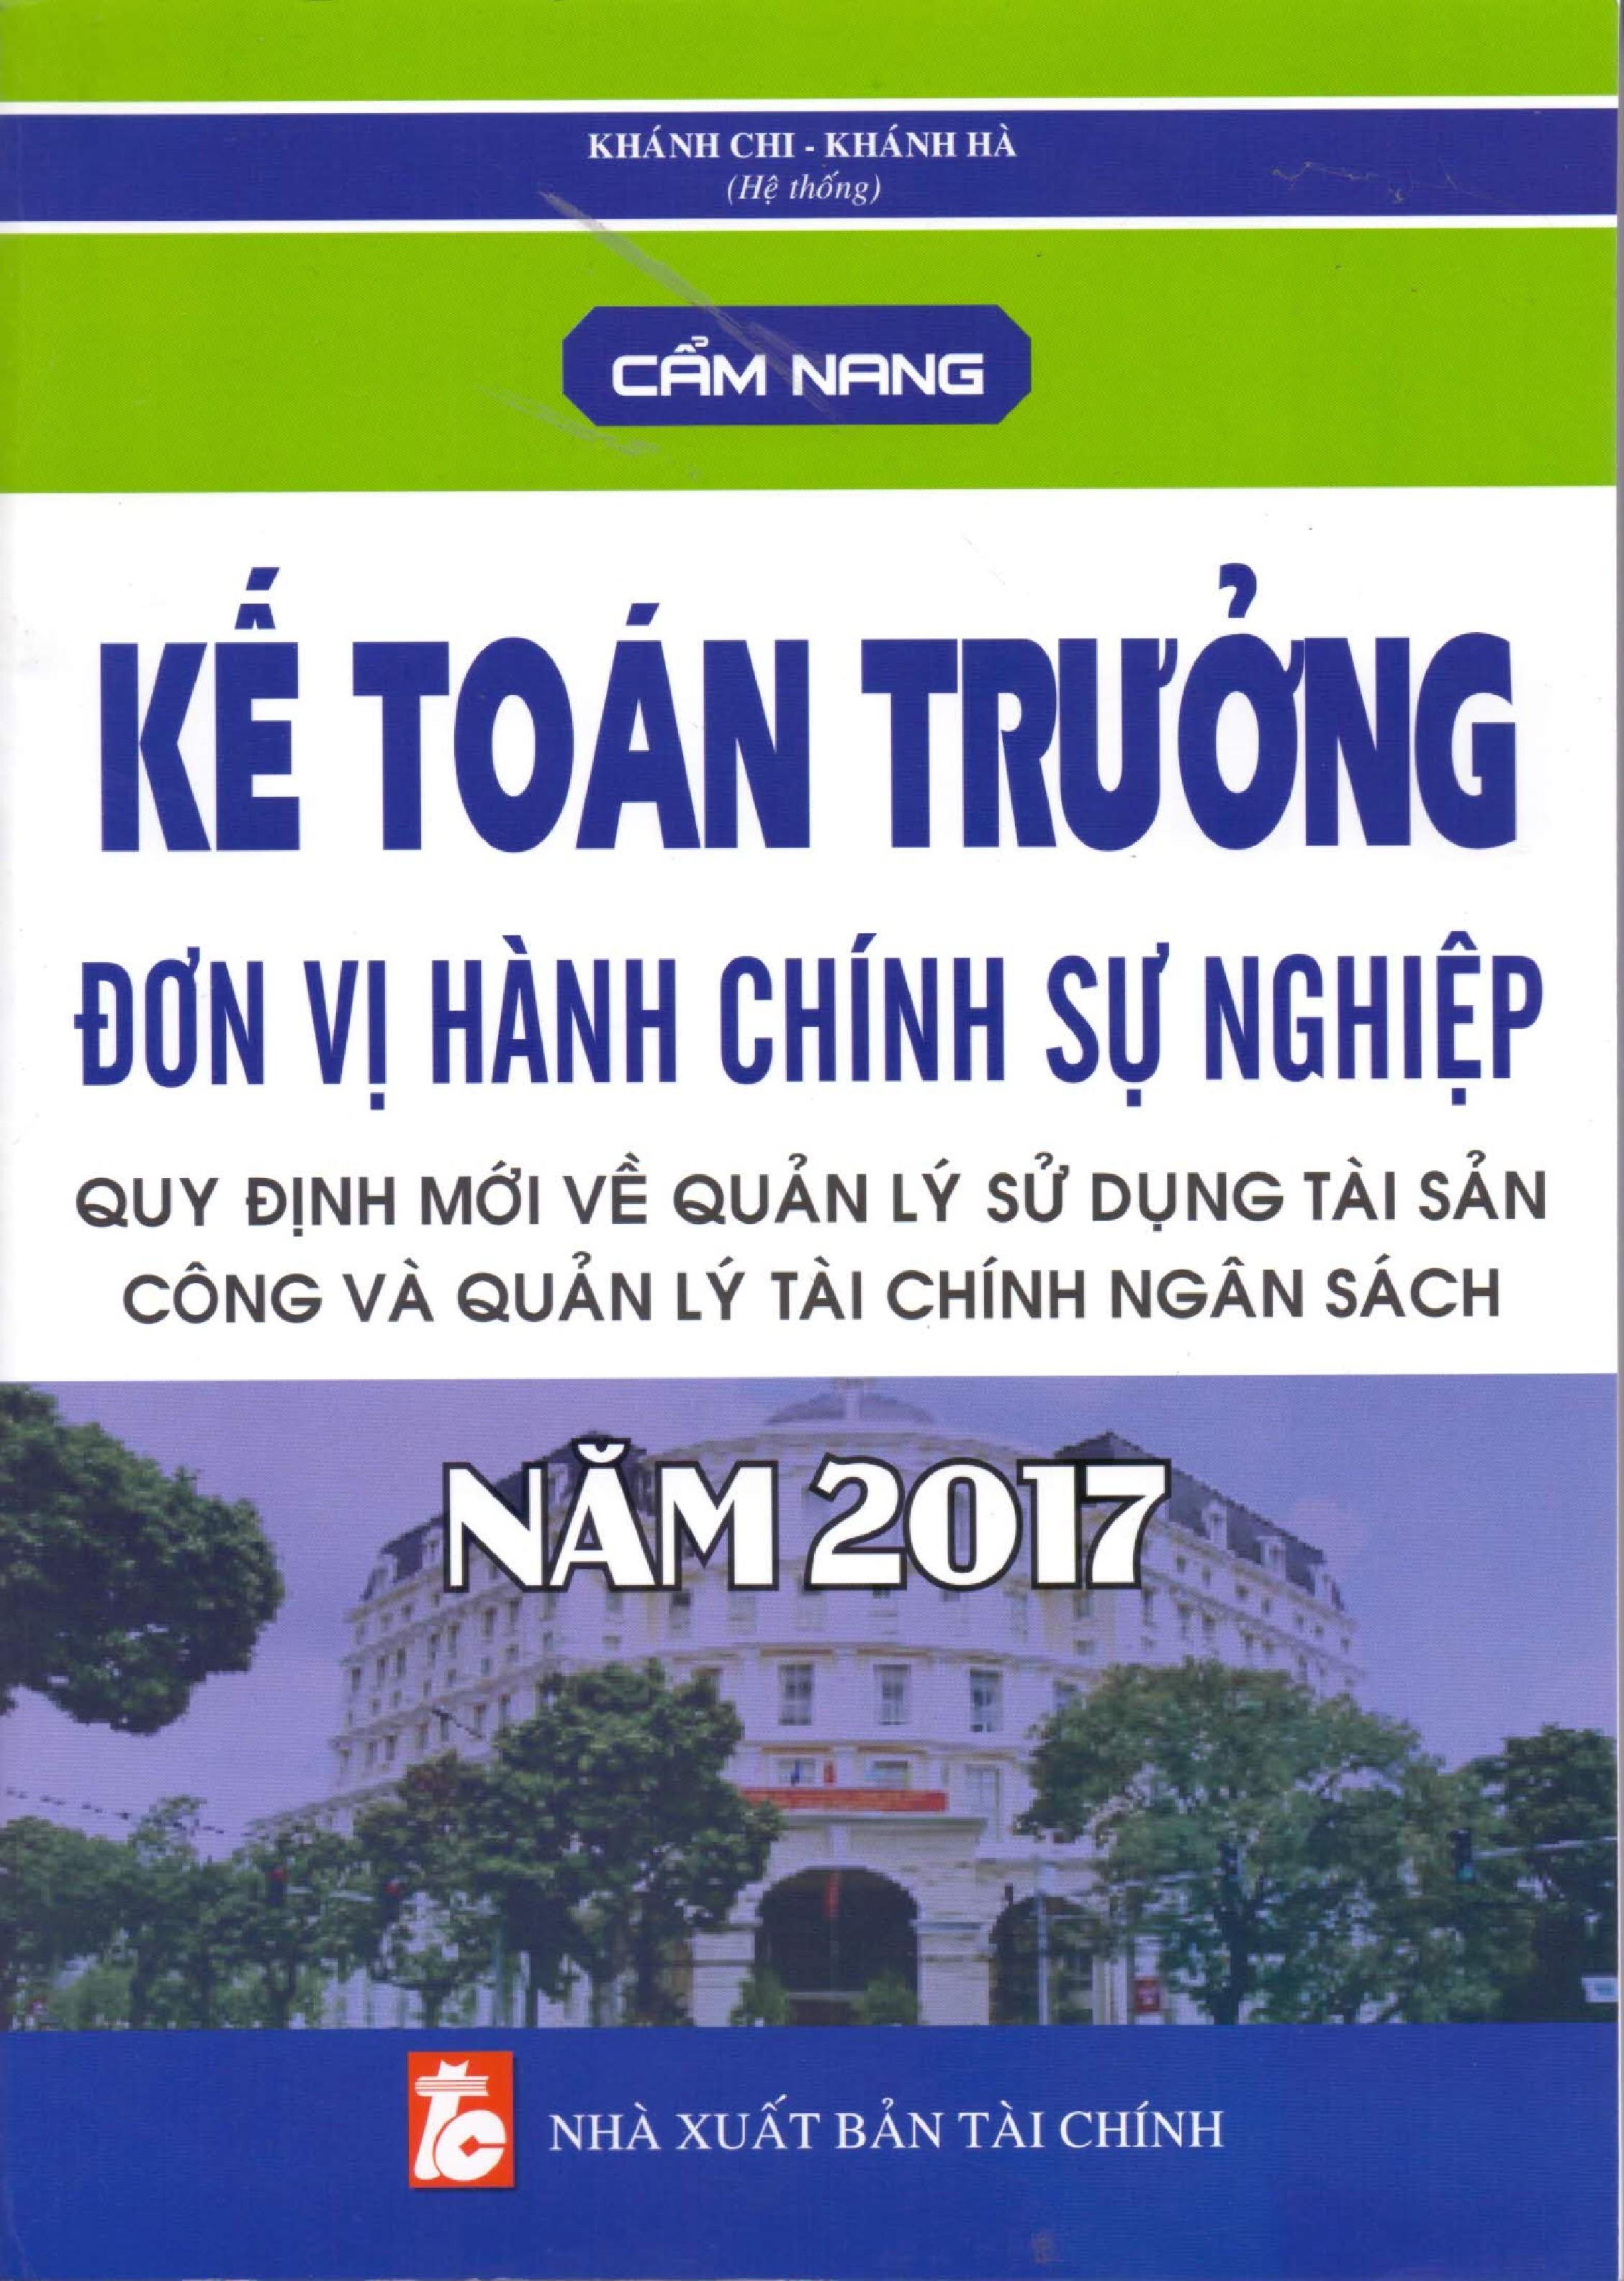 Cẩm Nang Kế Toán Trưởng Đơn Vị Hành Chính Sự Nghiệp Năm 2017 - 9396134 , 2380707221730 , 62_584188 , 350000 , Cam-Nang-Ke-Toan-Truong-Don-Vi-Hanh-Chinh-Su-Nghiep-Nam-2017-62_584188 , tiki.vn , Cẩm Nang Kế Toán Trưởng Đơn Vị Hành Chính Sự Nghiệp Năm 2017